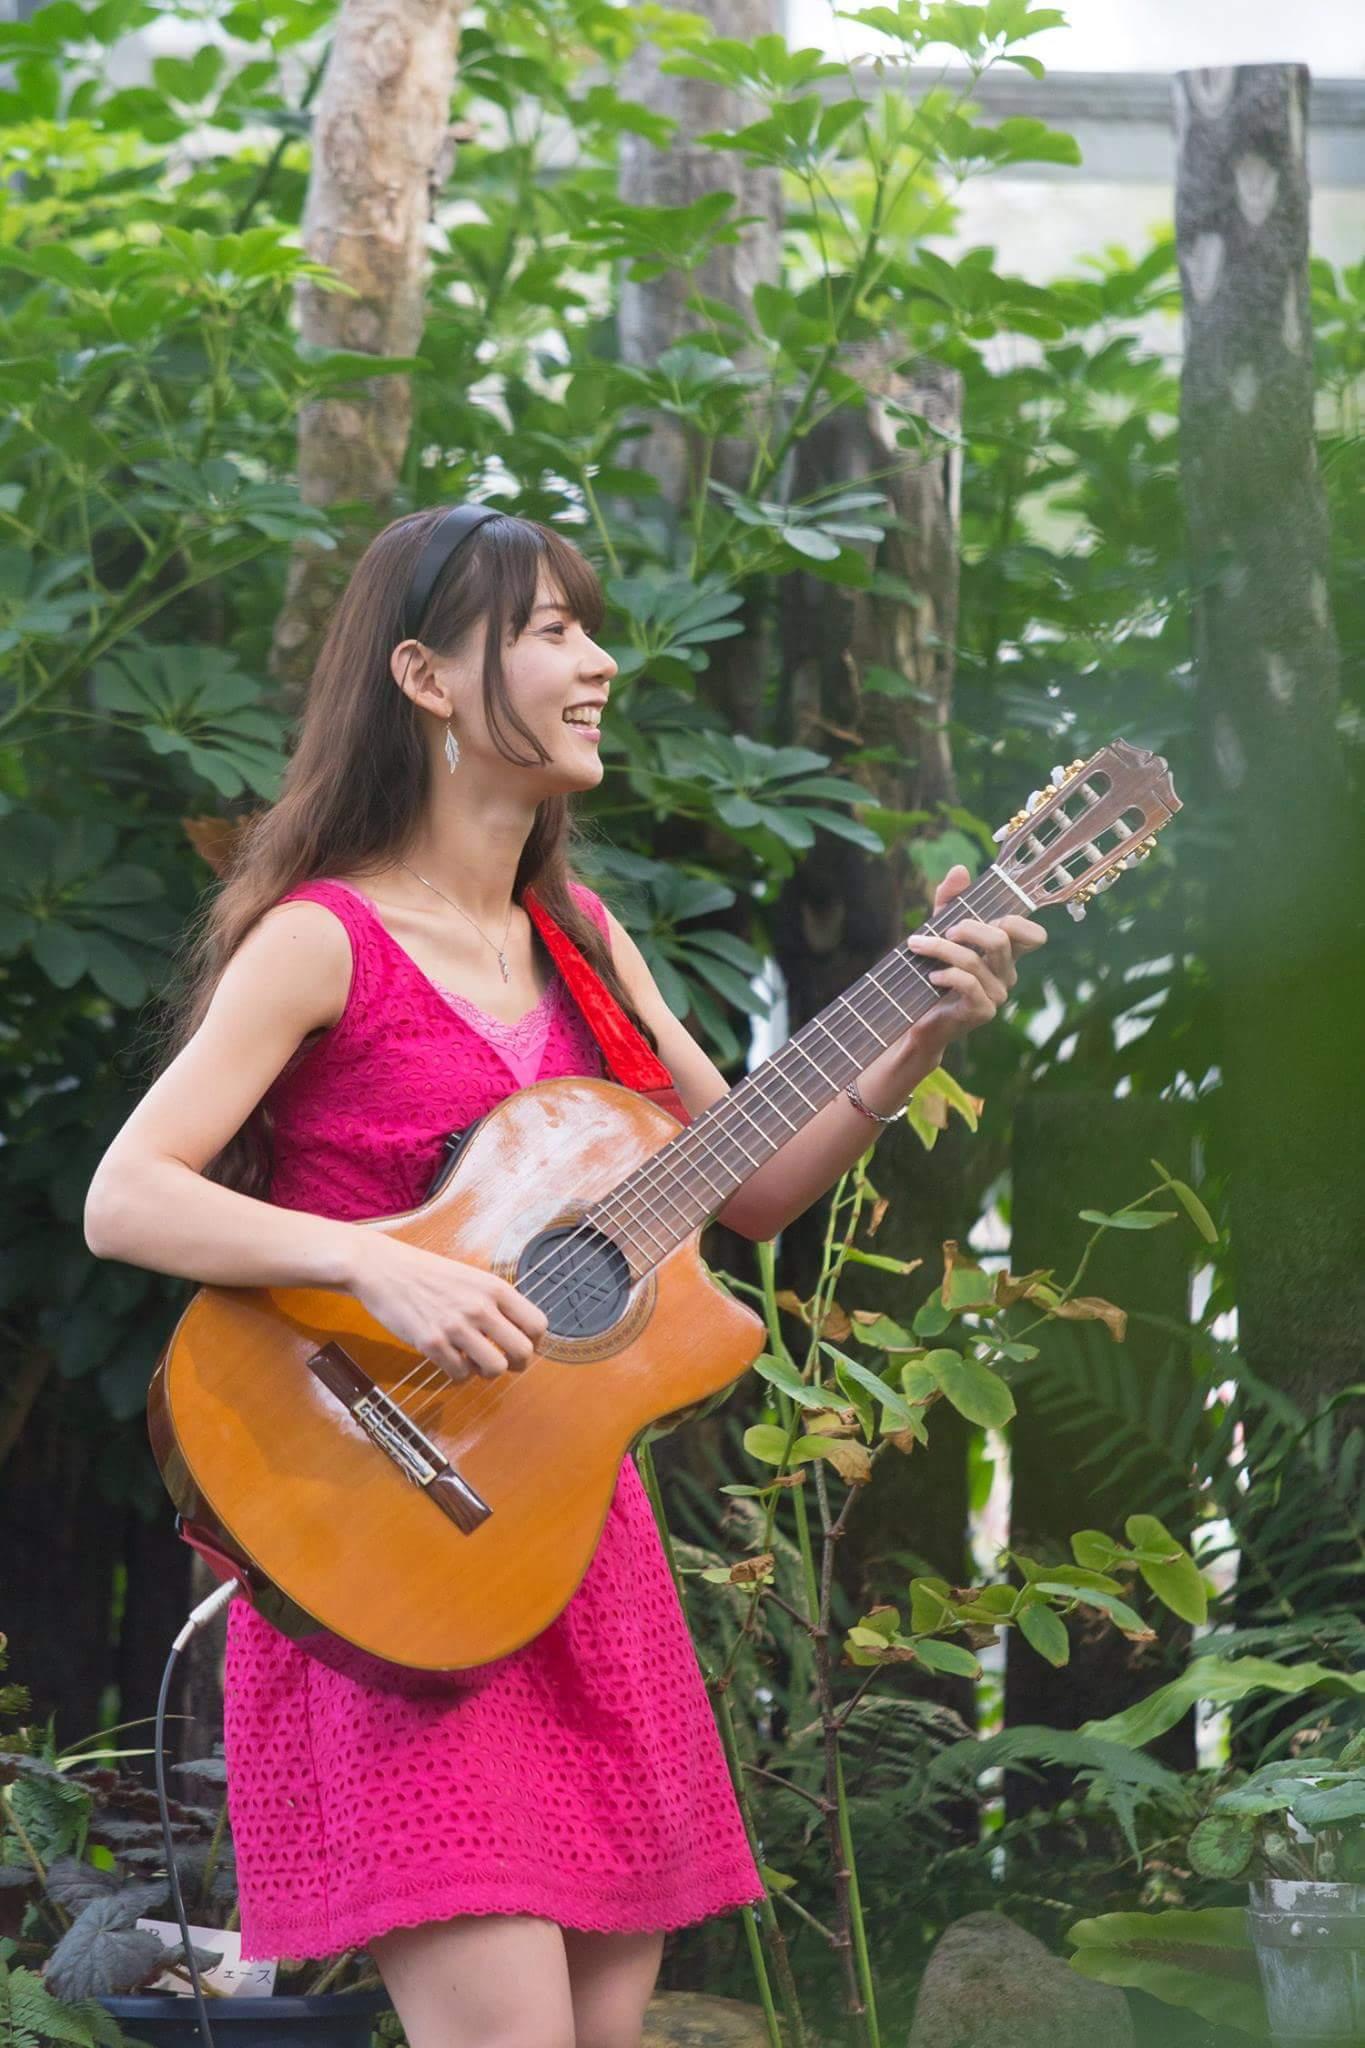 戸田川緑地 さくらまつり~コンサート編~_f0373339_14194540.jpg